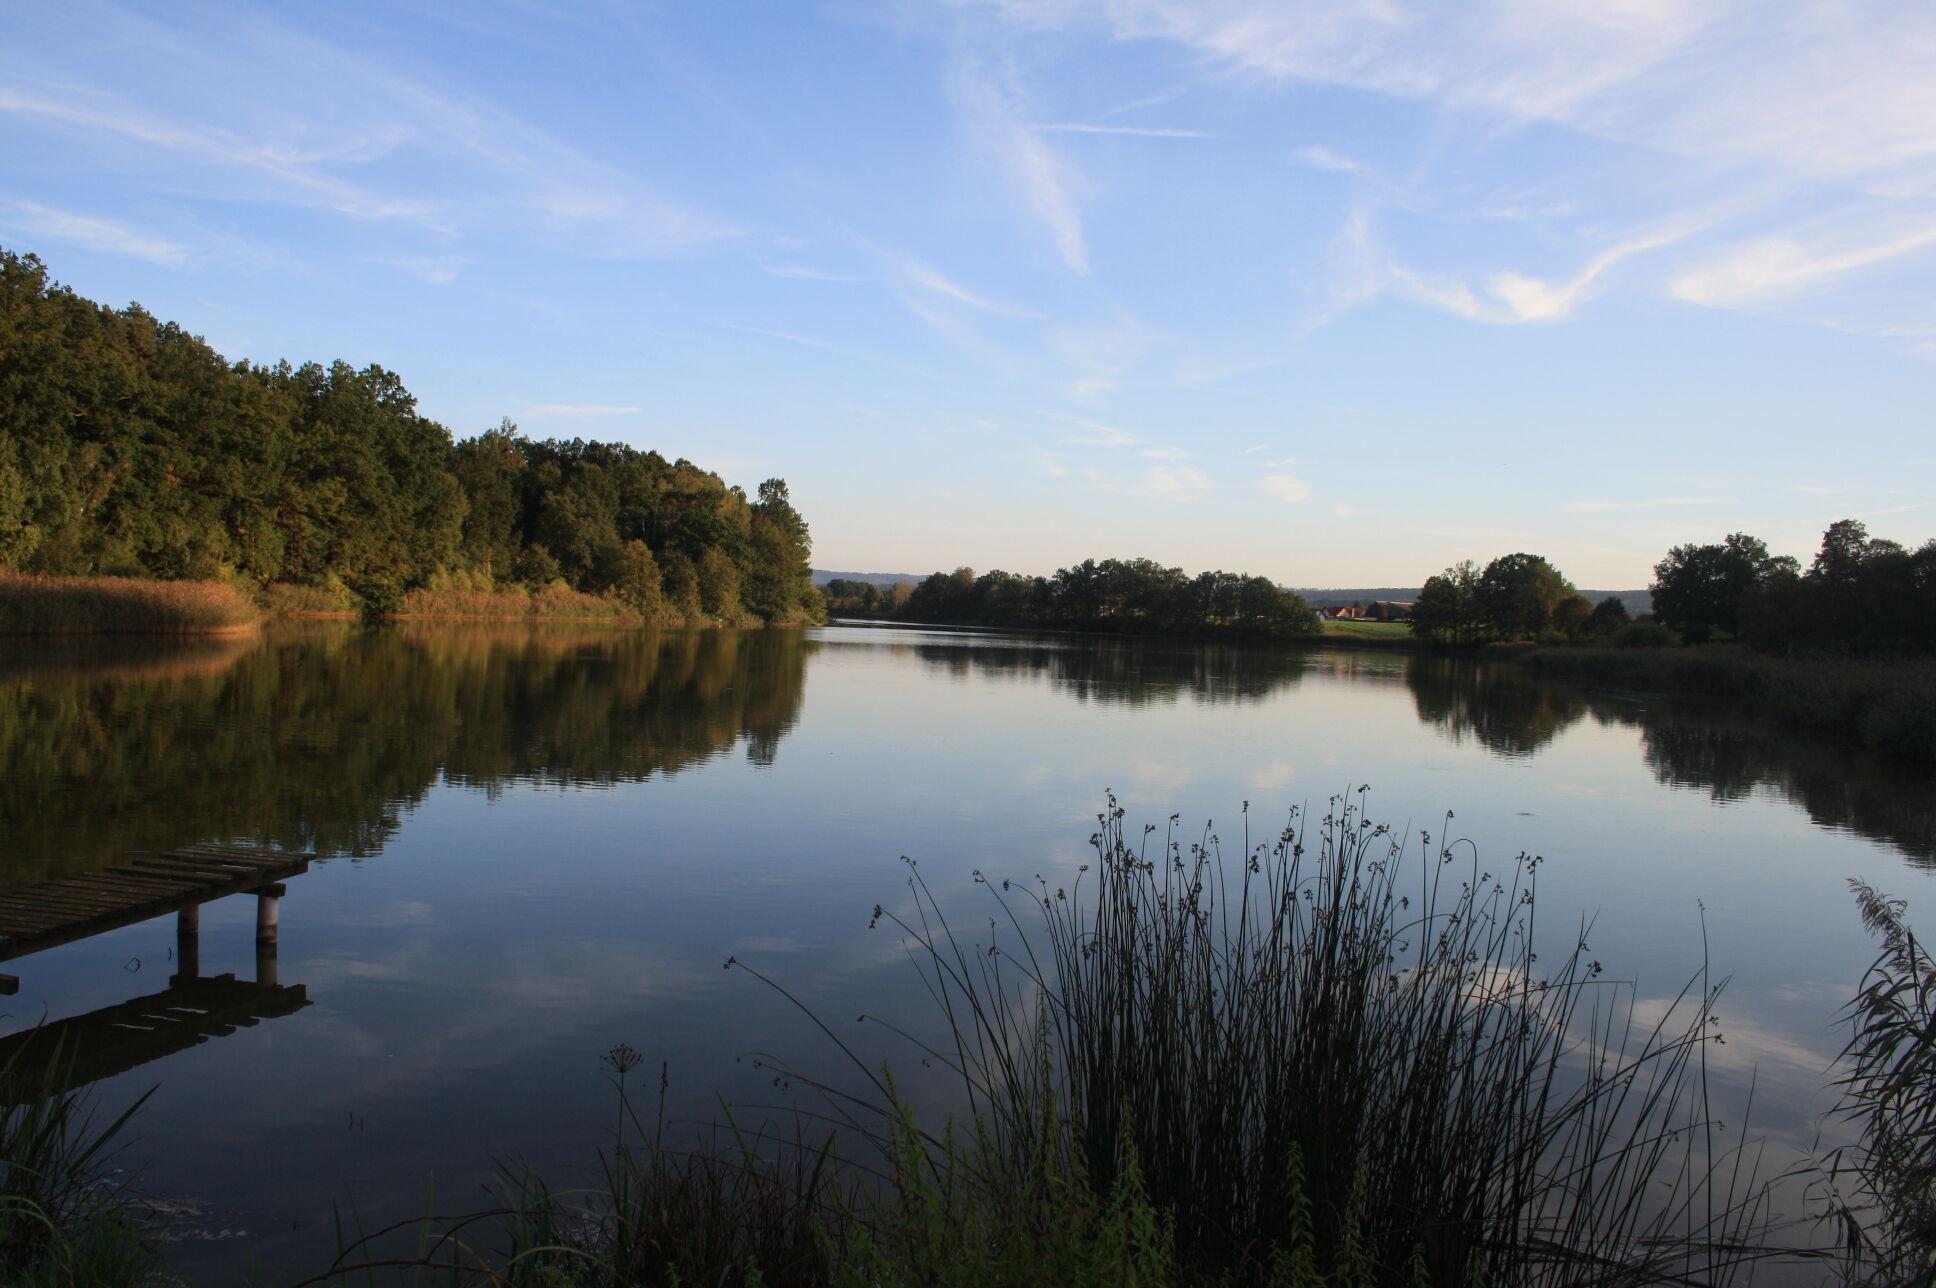 Blick auf den Neuenseer Weiher. Foto: Umweltstation Weismain/Michael Stromer